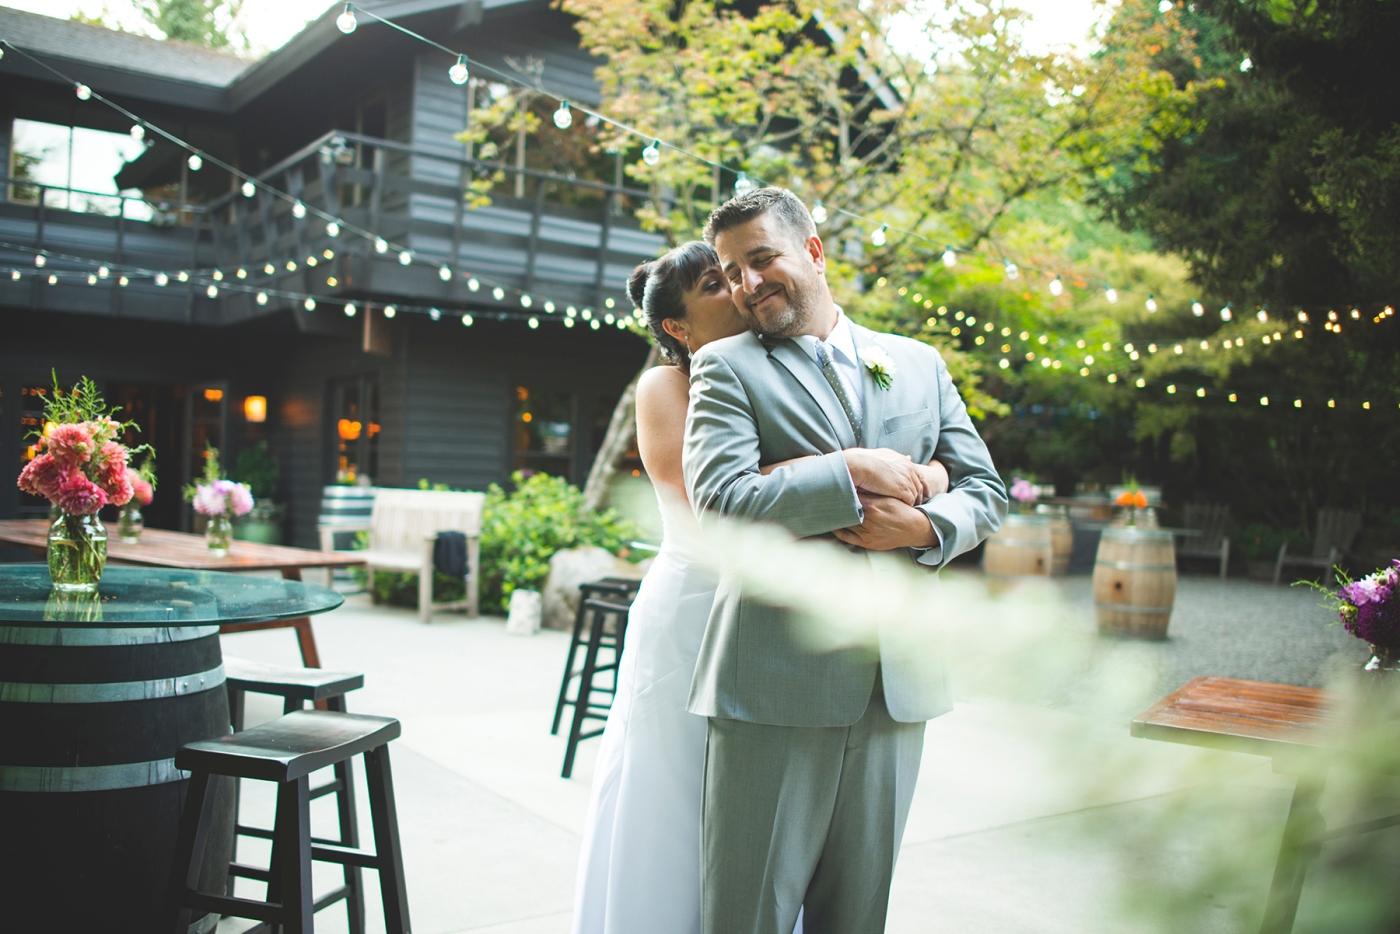 ang_matt_jm_woodinville_2016_js_photography_wedding_dsc_3041-2